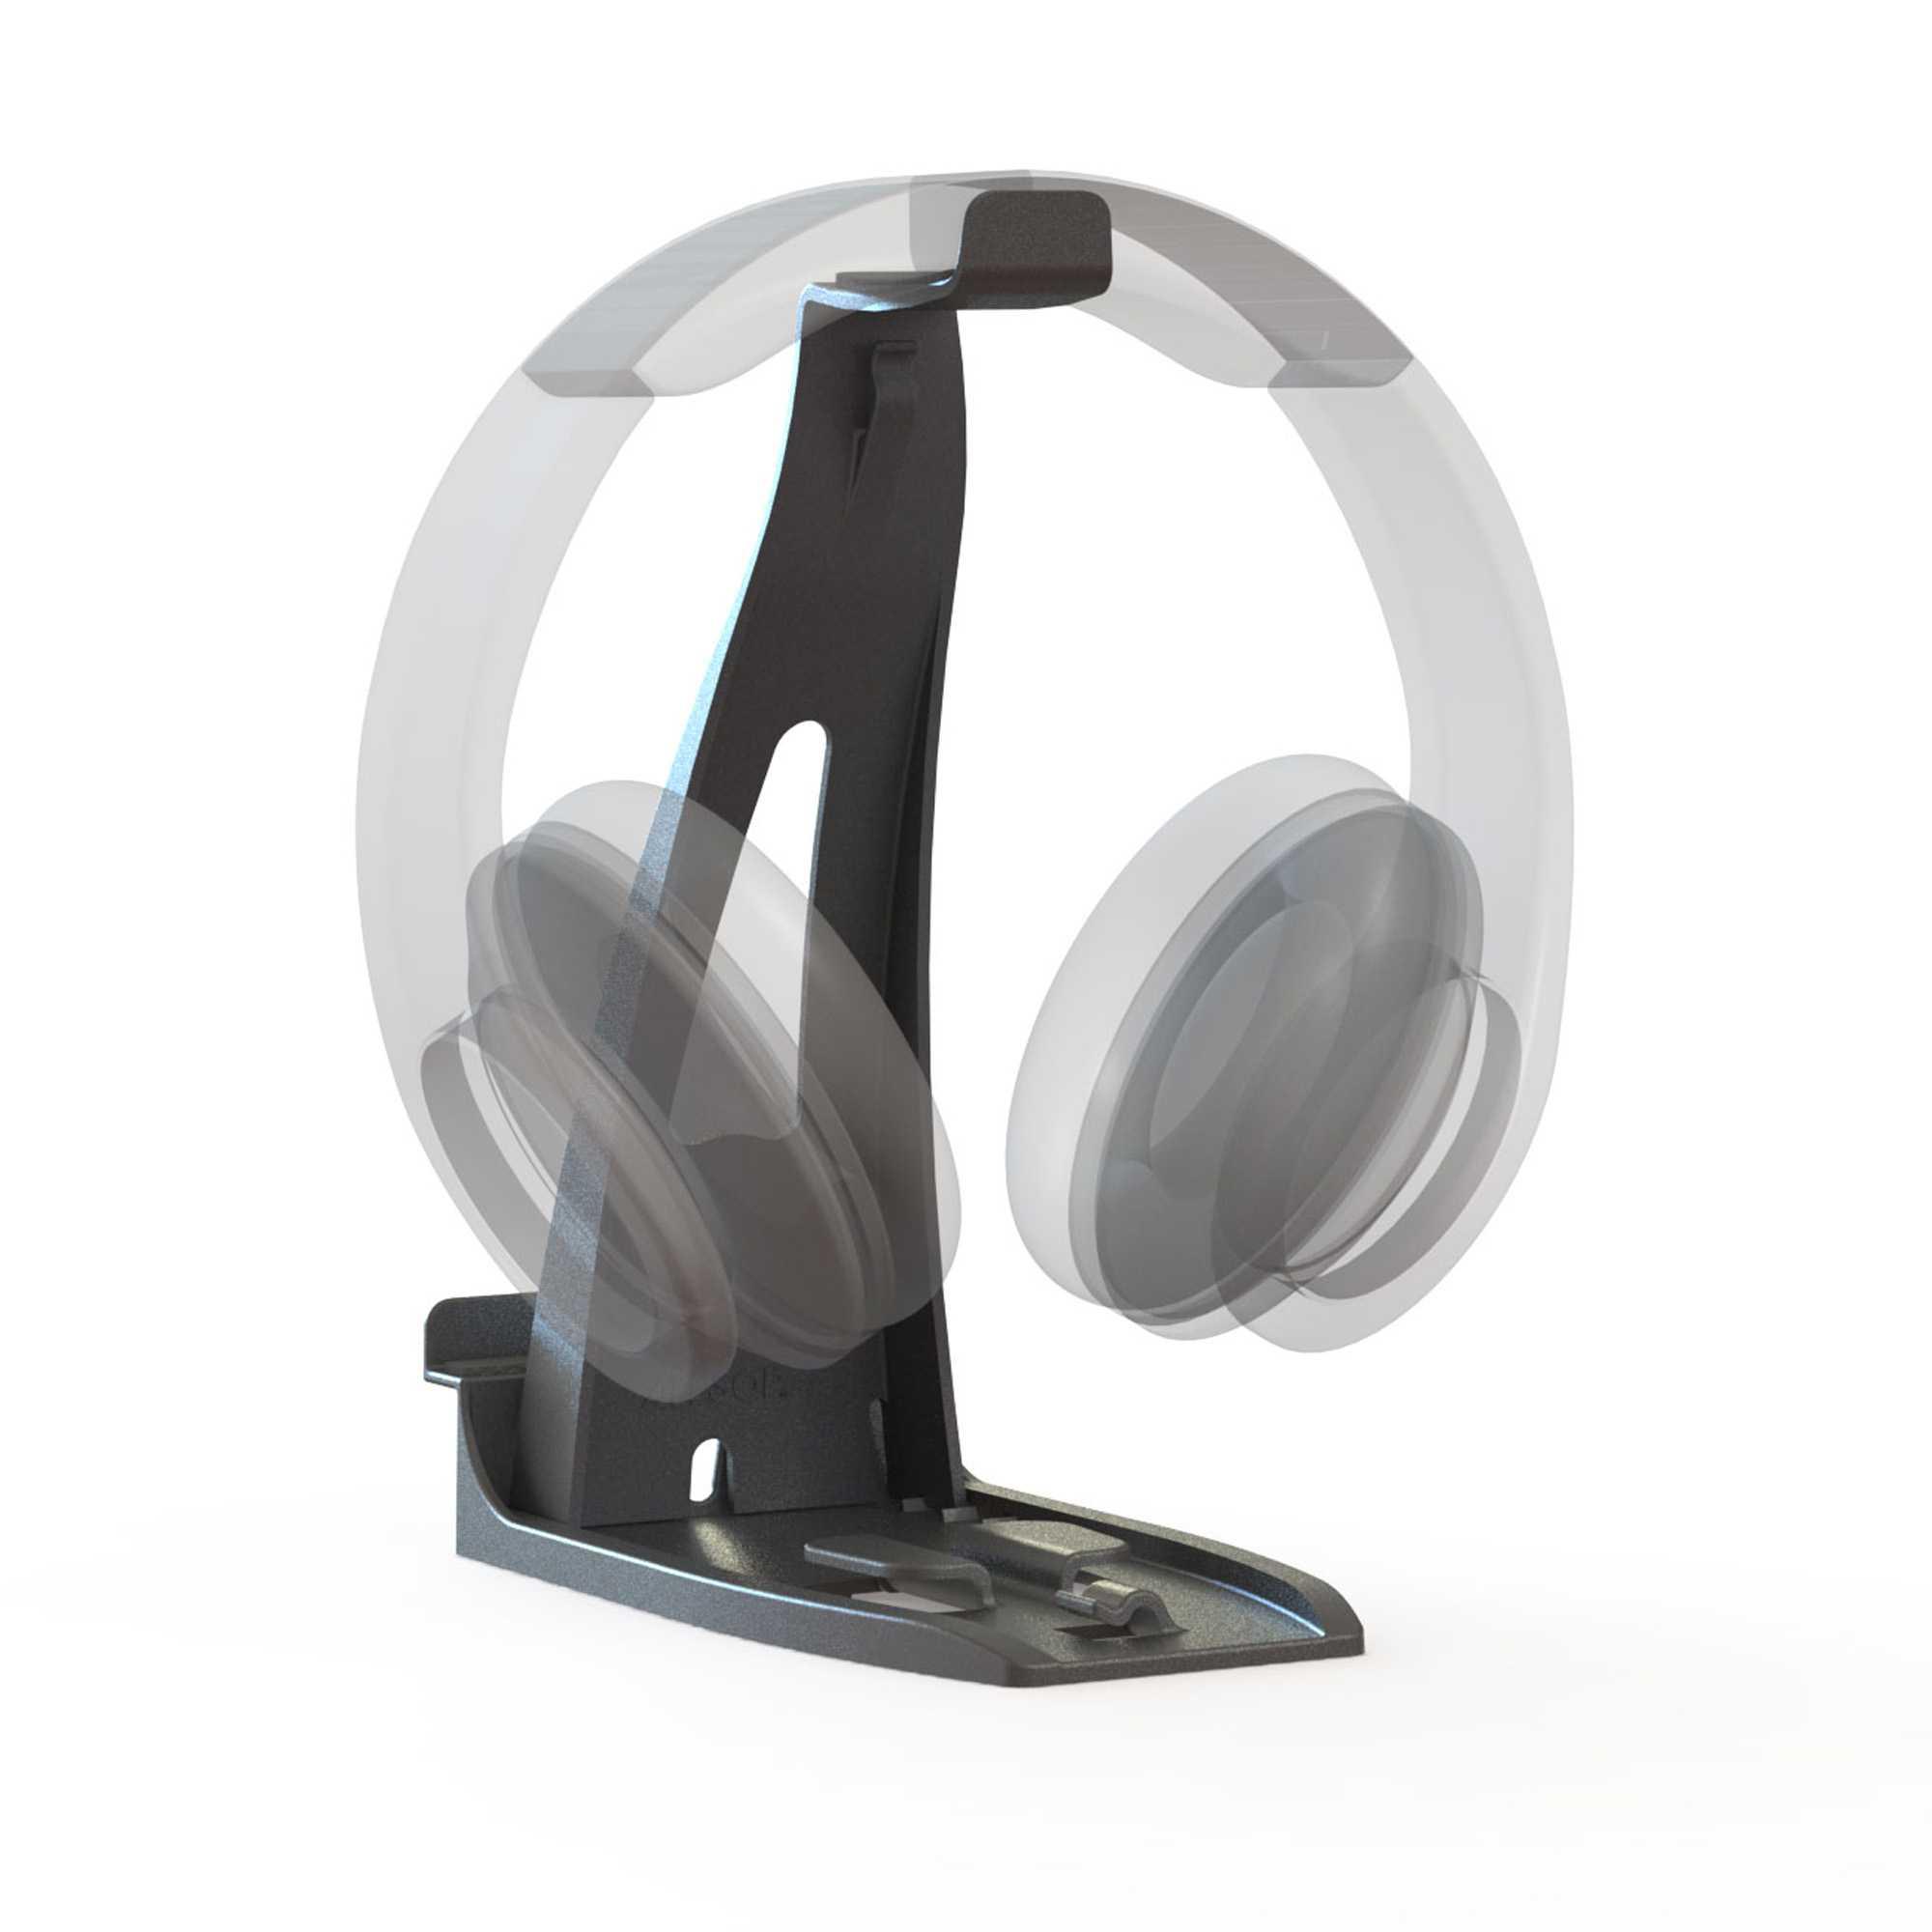 SUPVOX 50pcs Cordons /Élastiques avec Embouts M/étalliques pour Fabrication de Masque Reliure Artisanat Noel Blanc